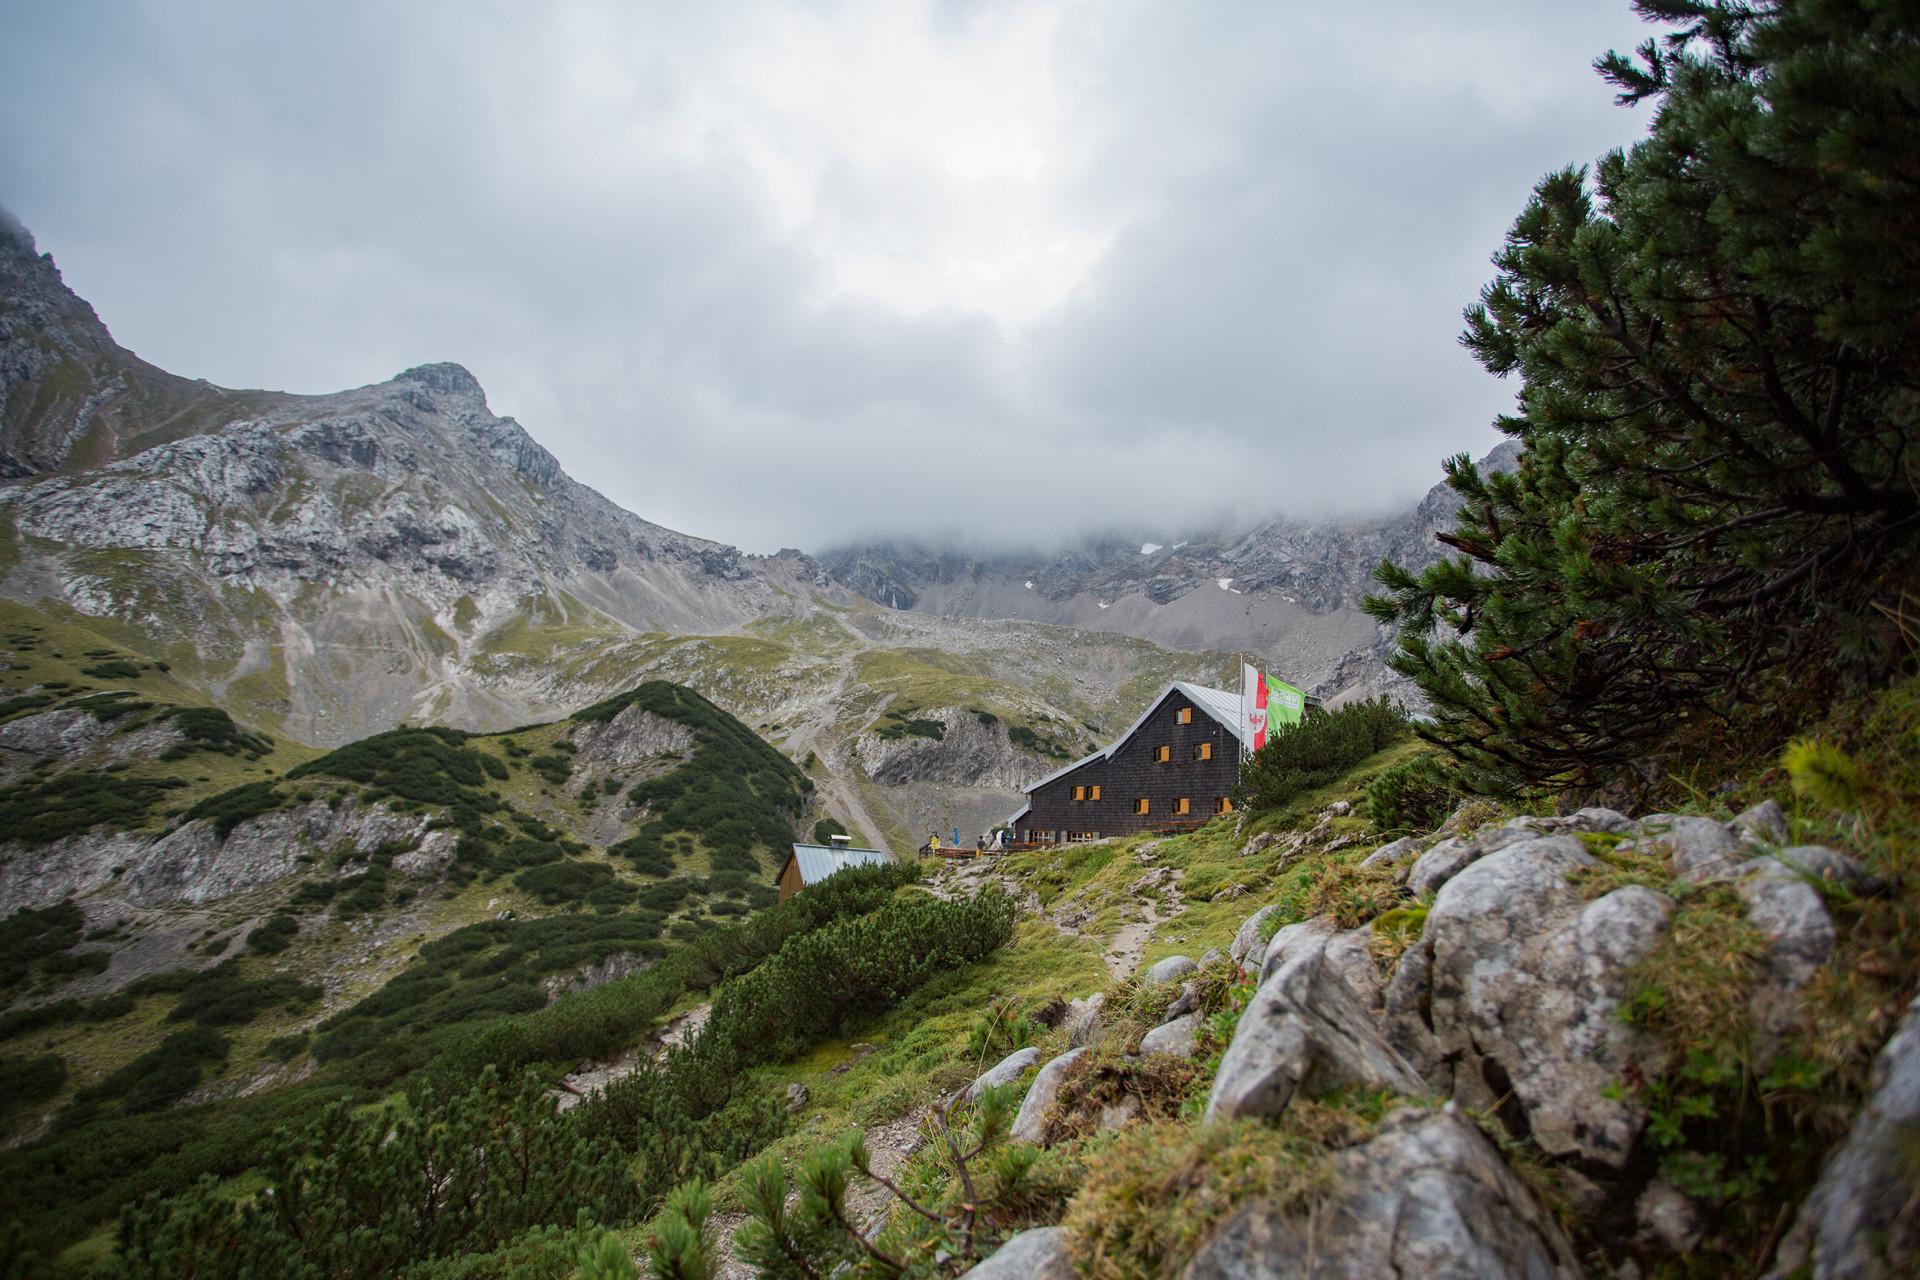 Le refuge Coburger Hütte est niché dans un cadre idyllique entre forêts et montagnes.